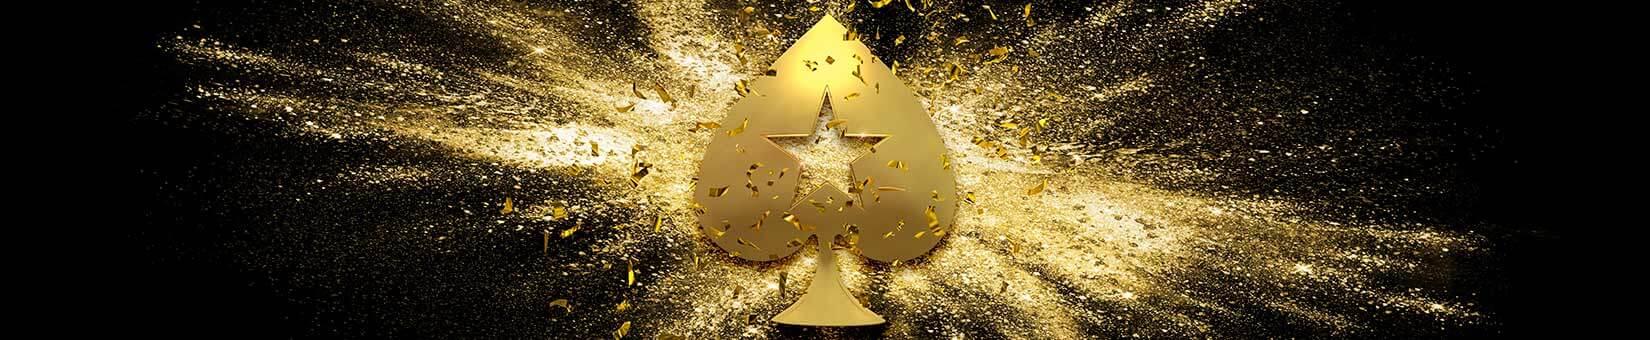 Pokerstars Casino download 786339